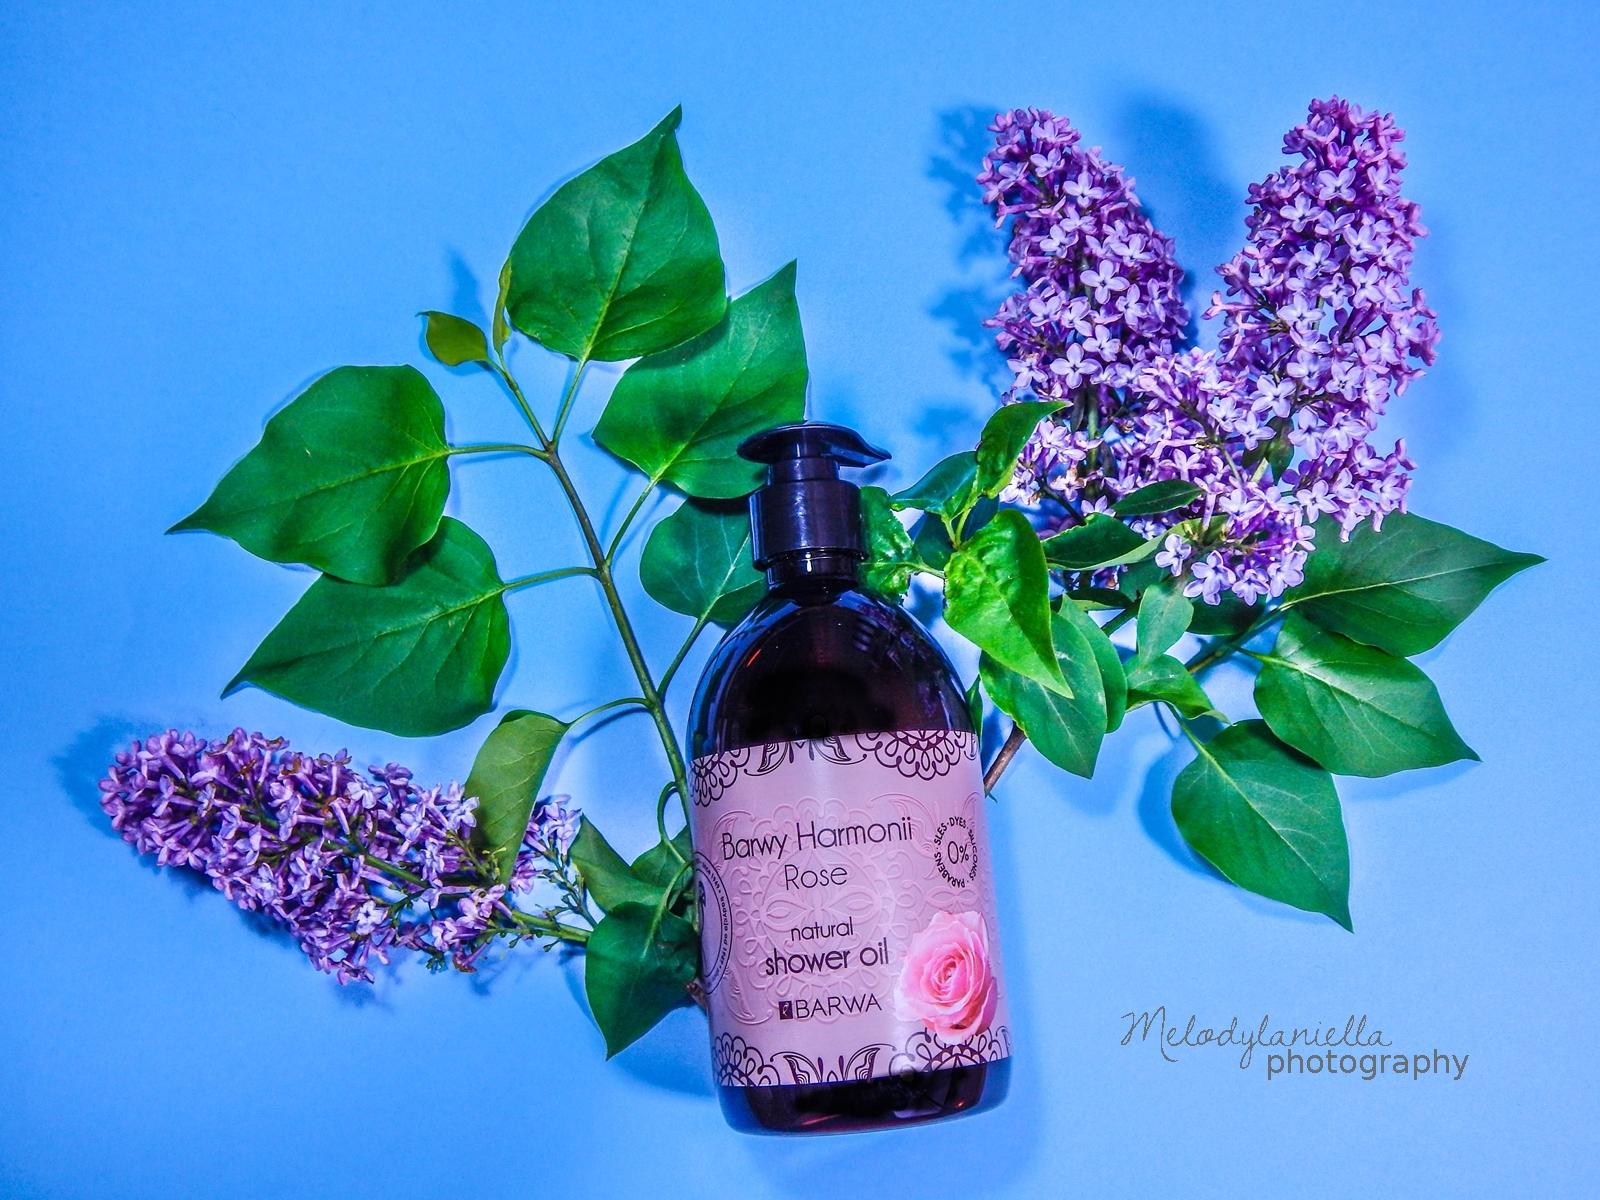 różany olejek pod prysznic rose oil barwa kosmetyki sto procent natury naturalne kosmetyki shower oil kosmetyki naturalne barwy natury barwy harmonii